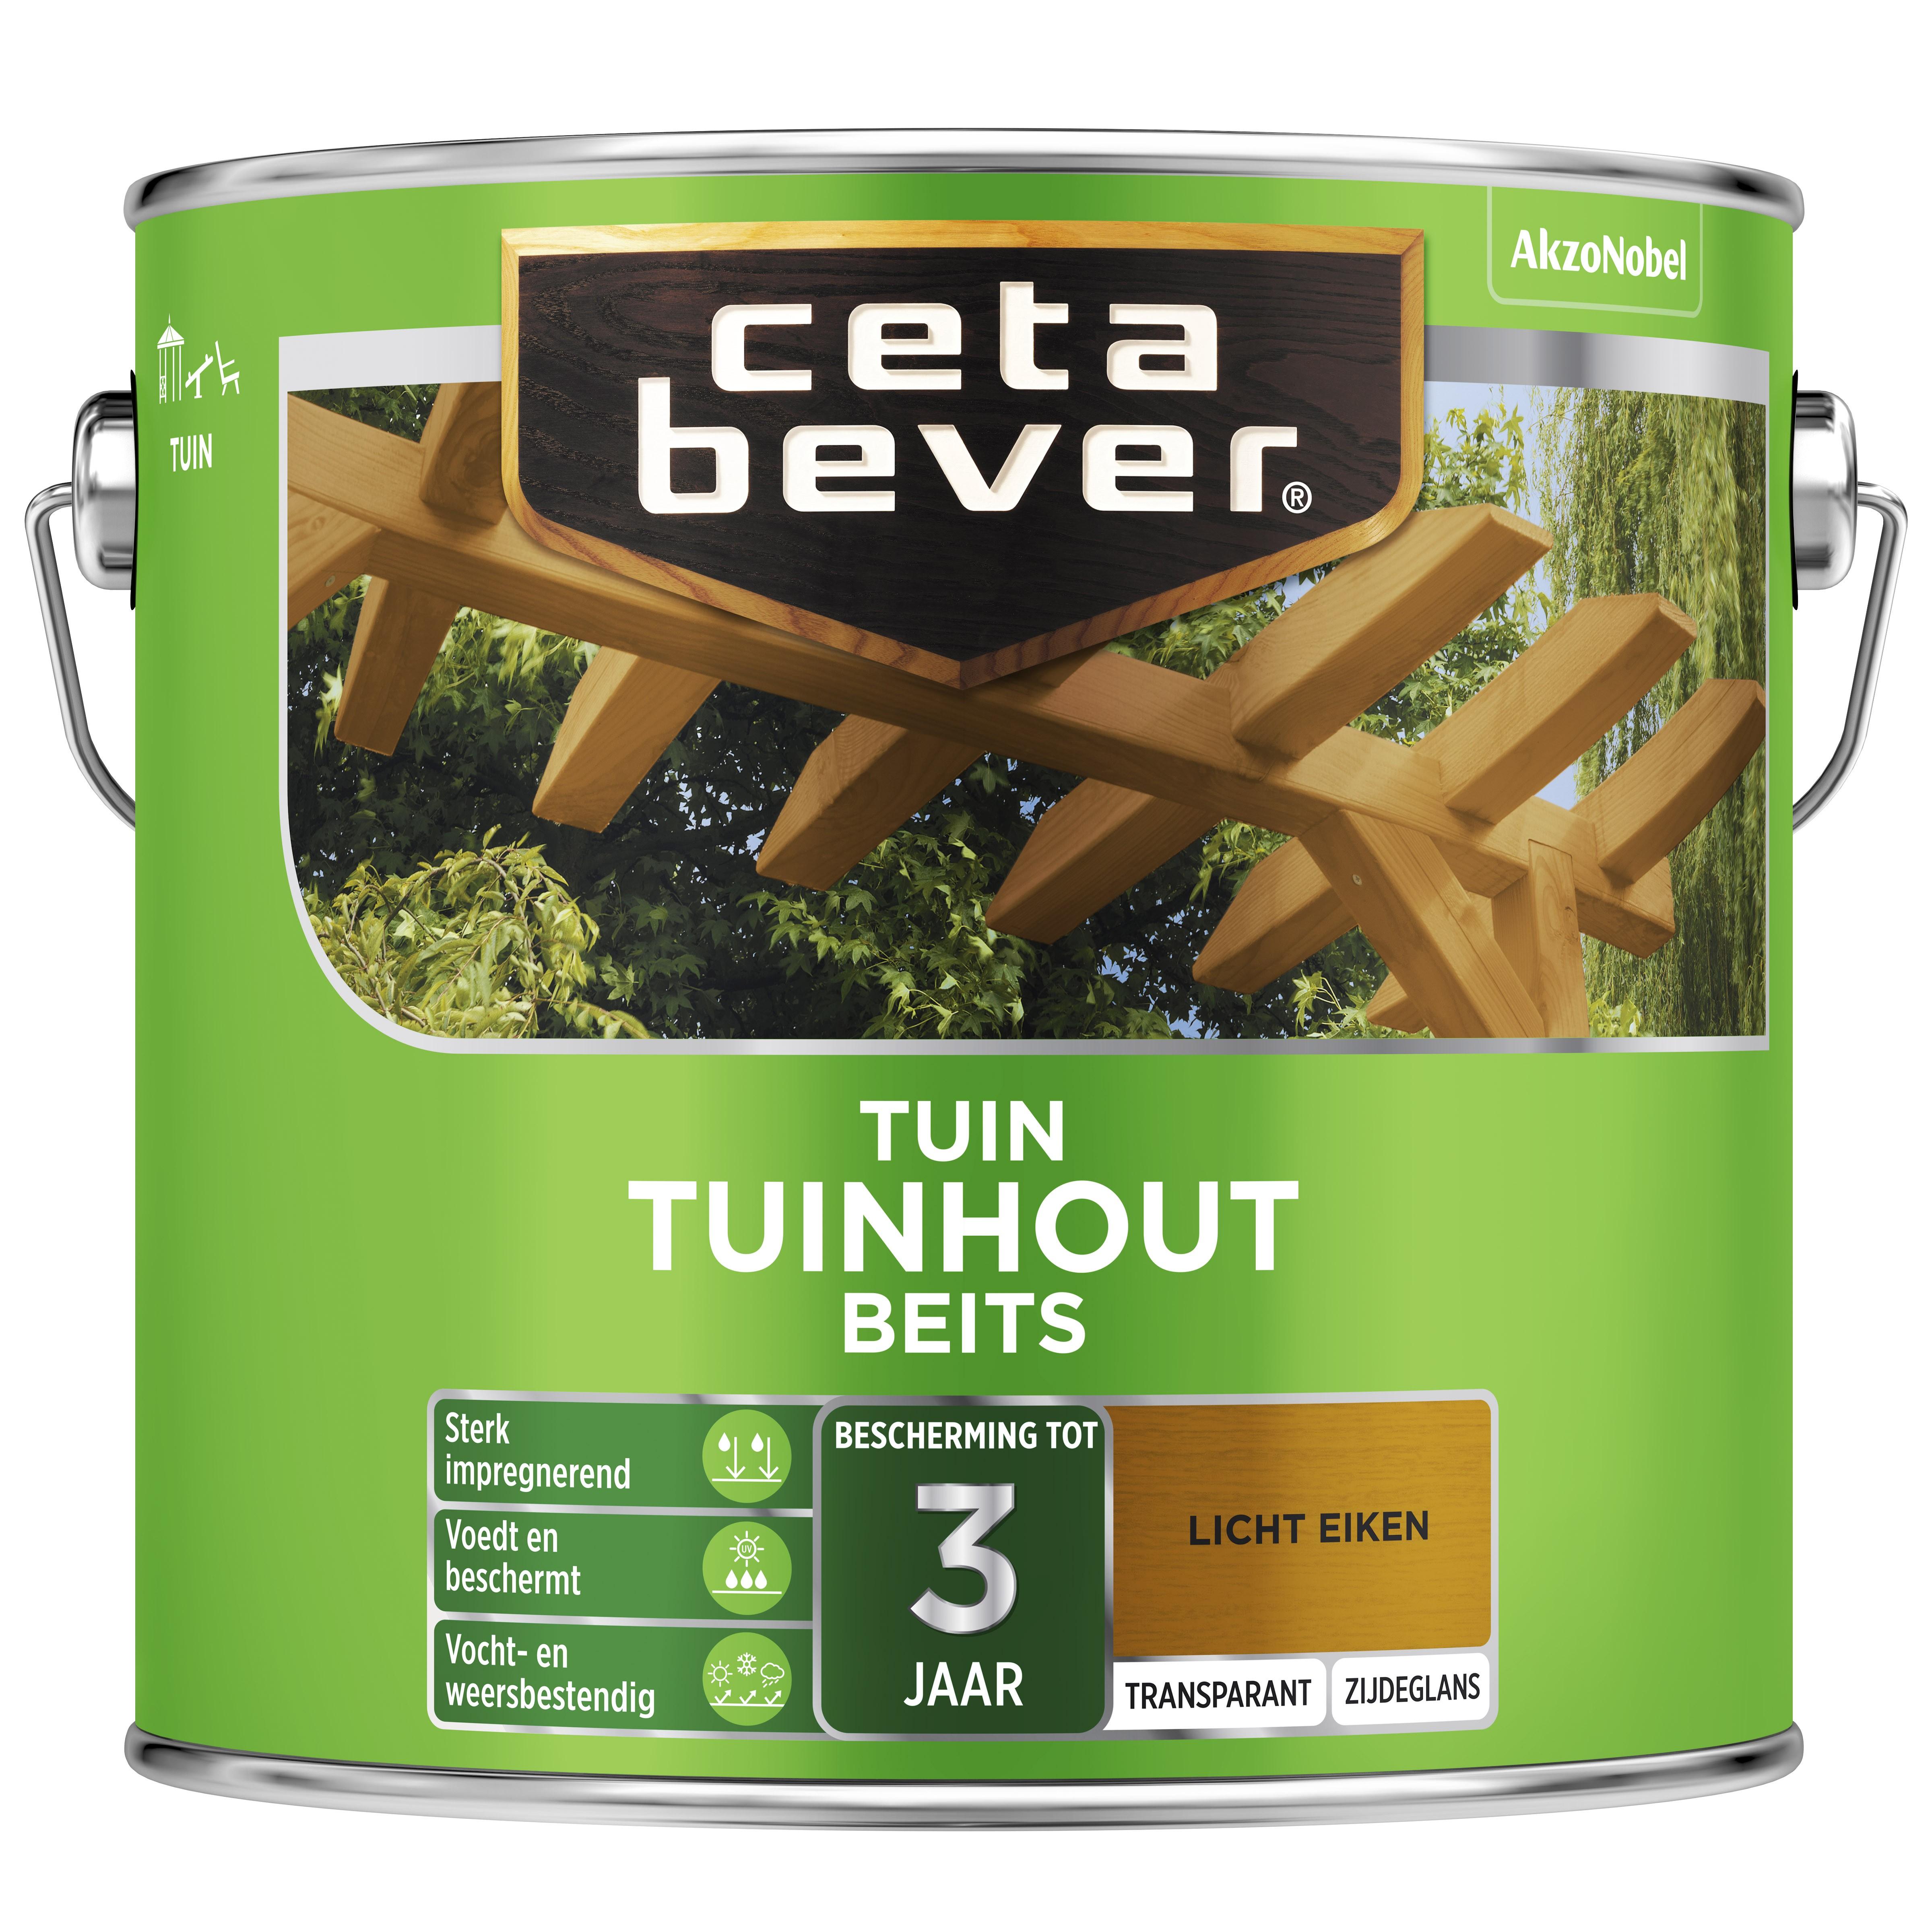 Afbeelding van CetaBever Tuinbeits Transparant 2,5 liter licht eiken 006